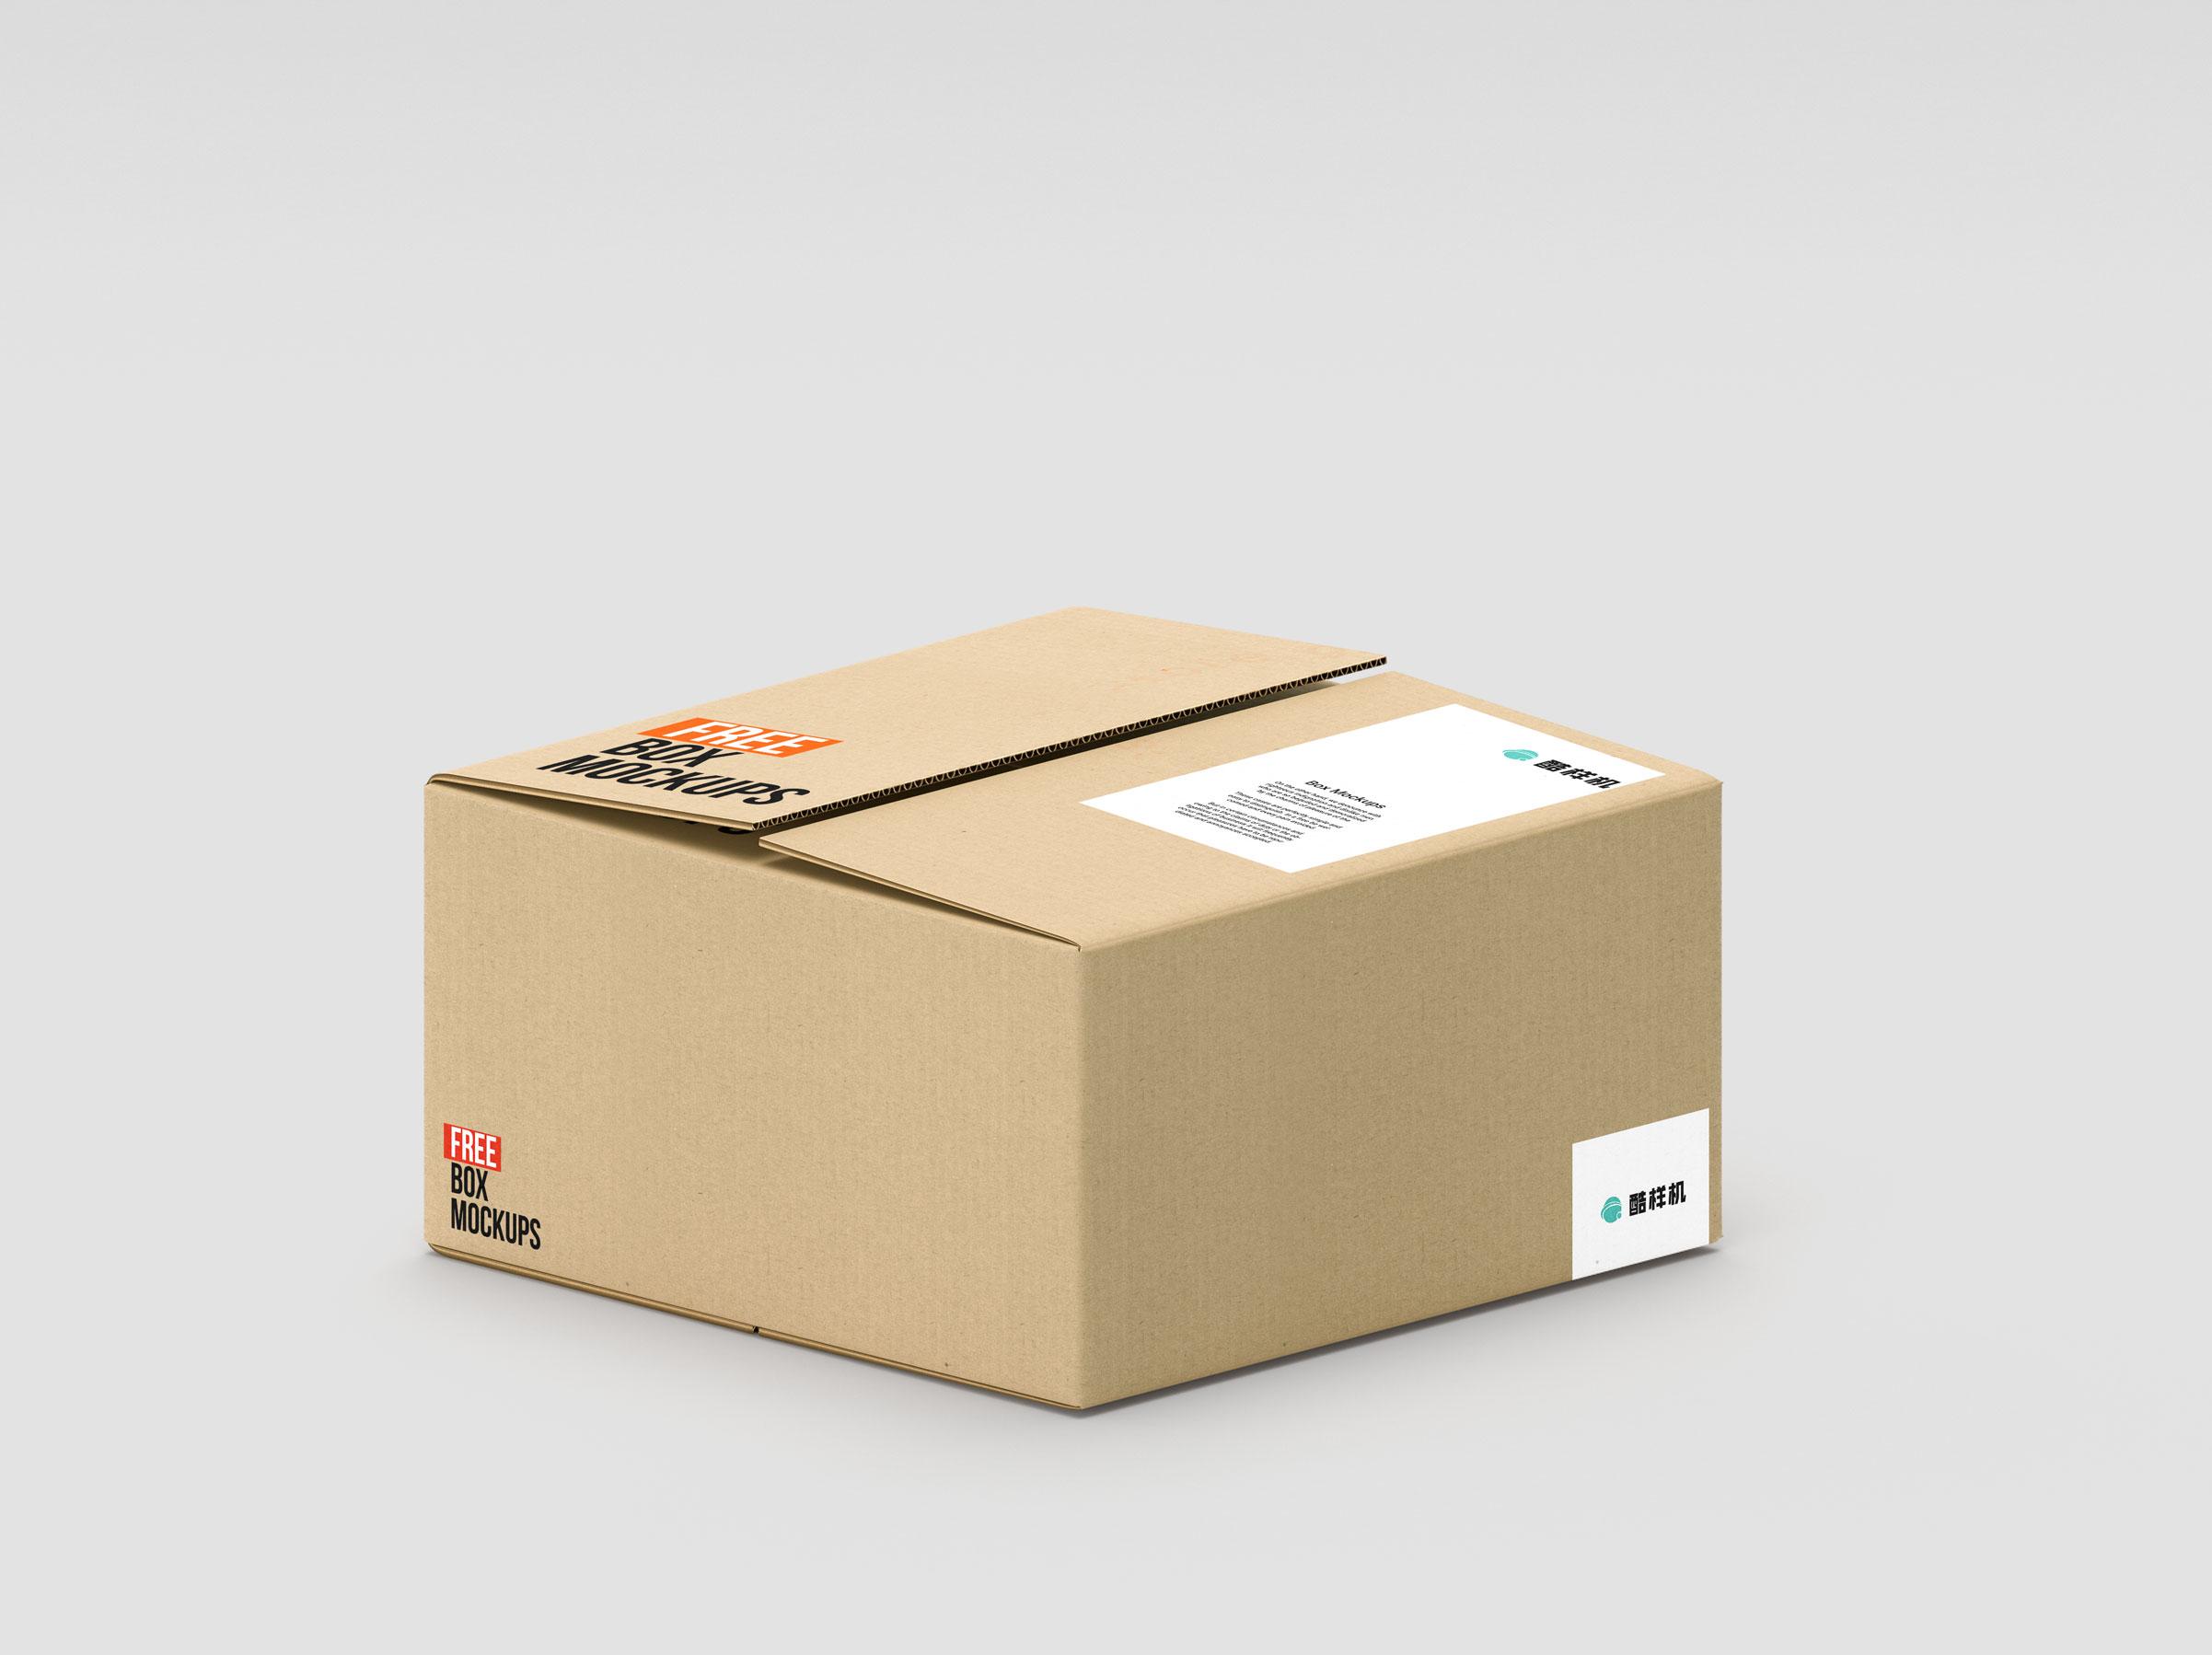 ee5073c64327681 - 简约长方形纸箱样机